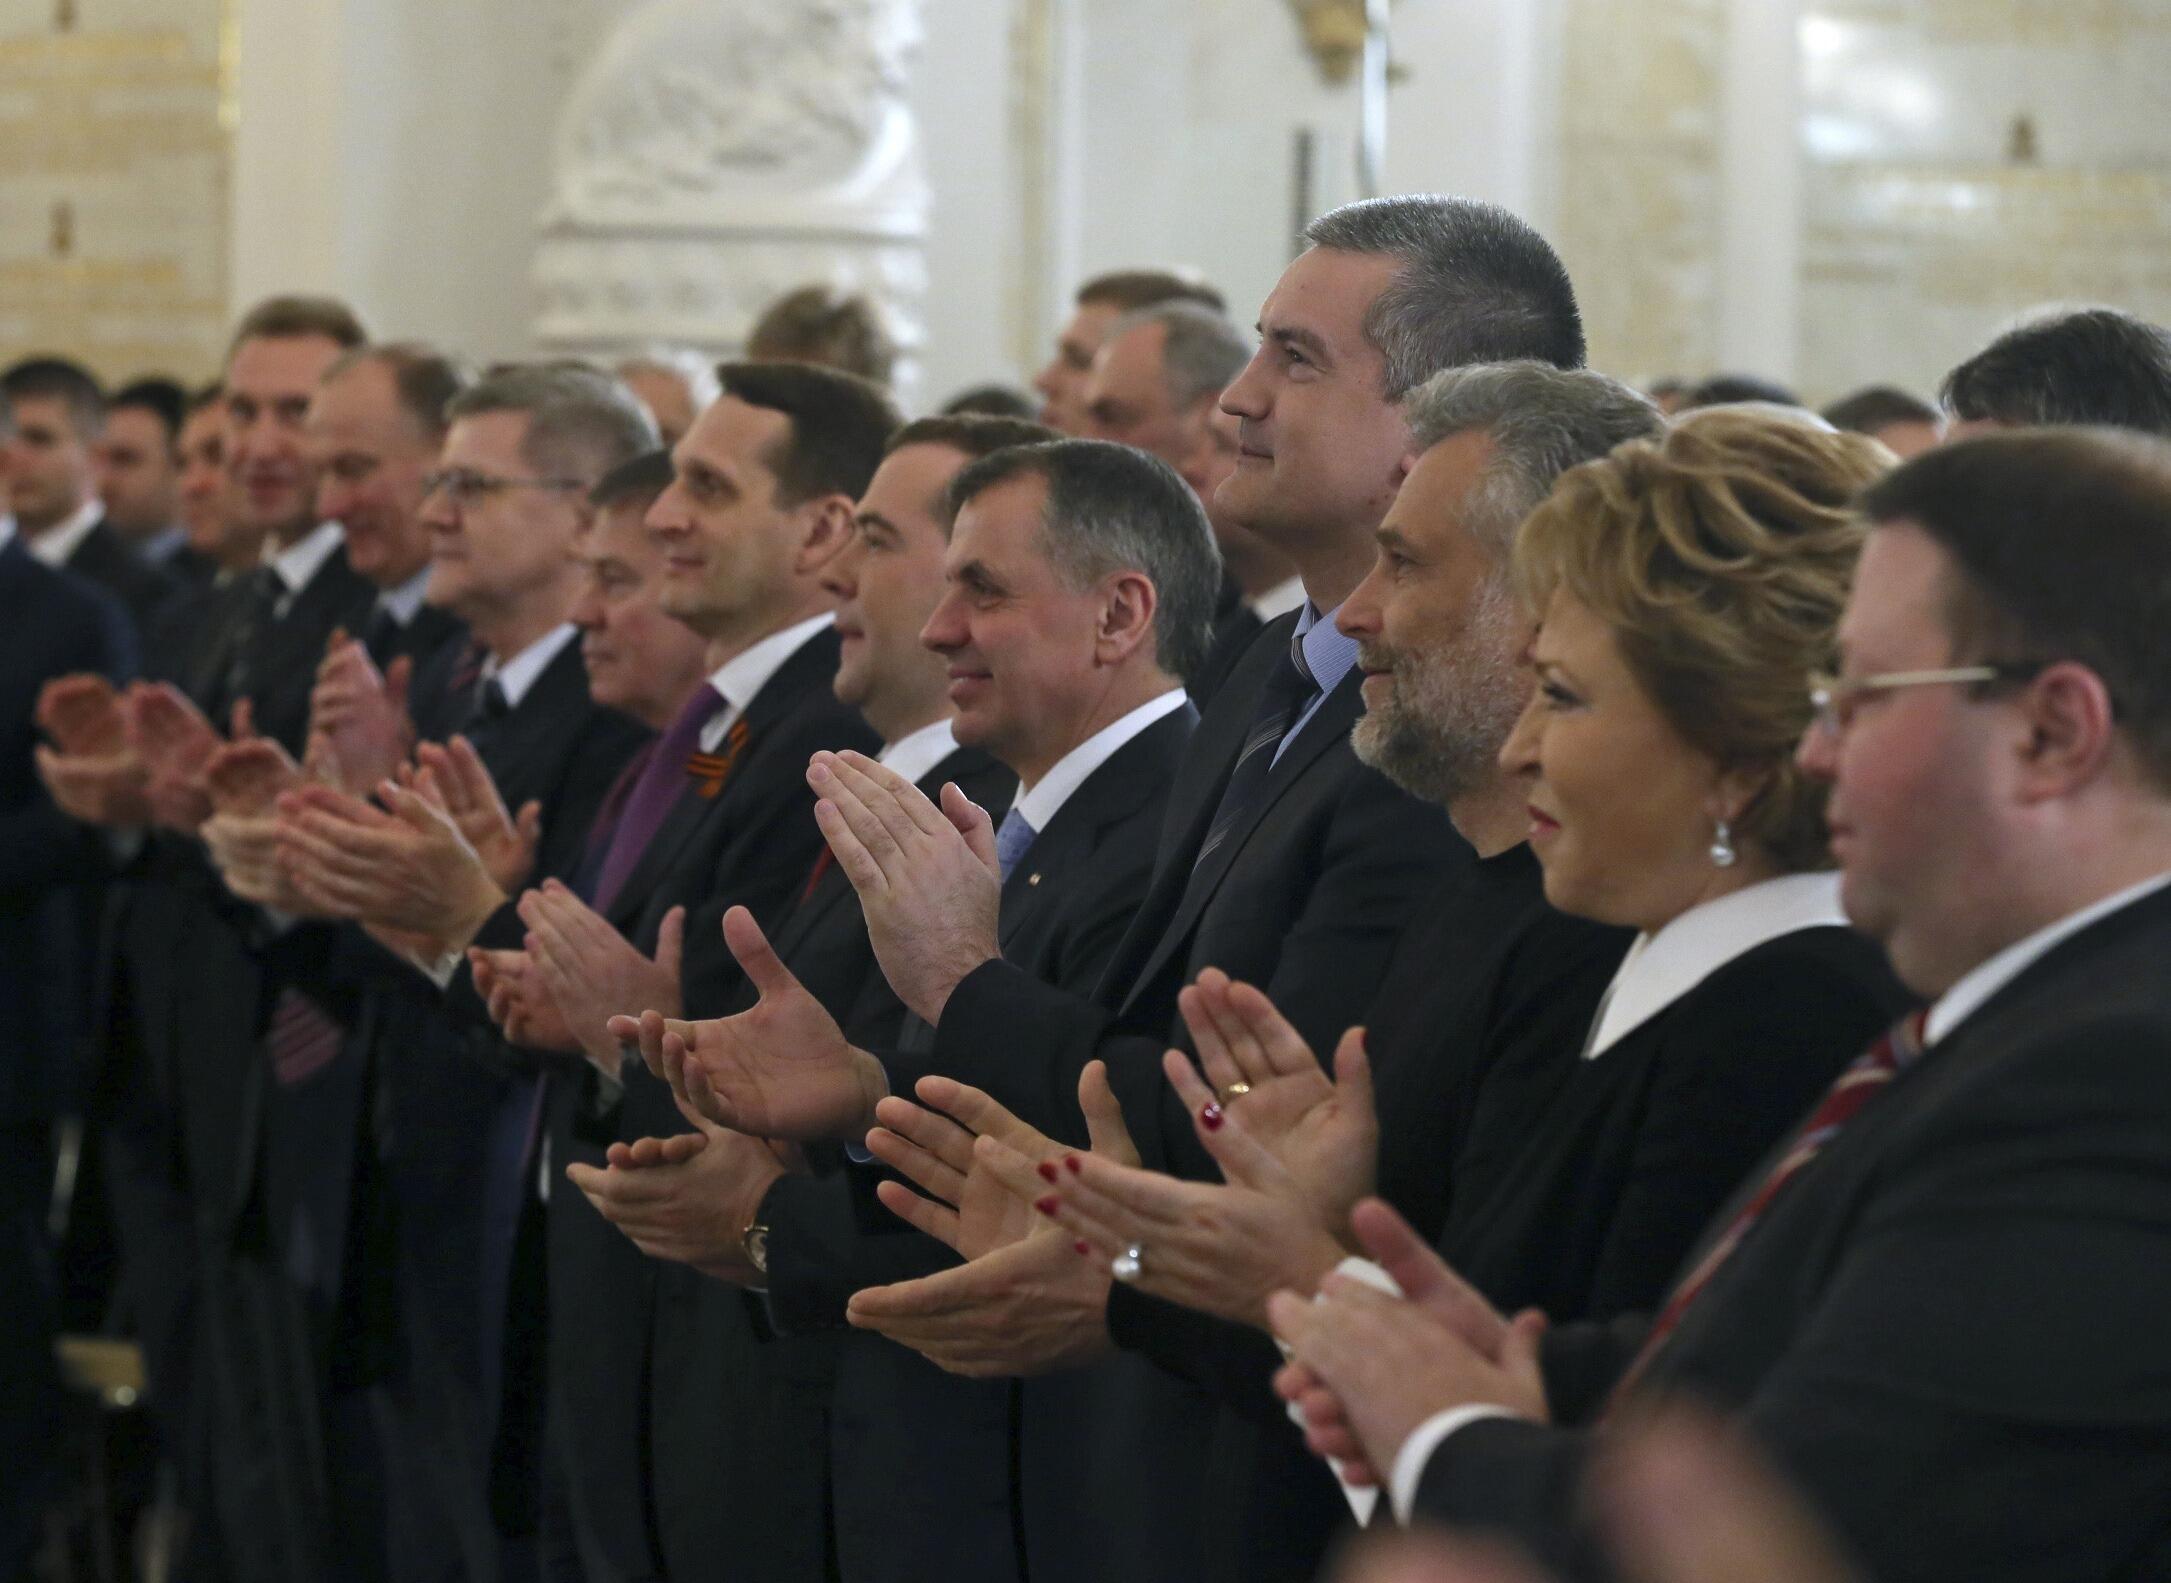 Члены Федерального собрания аплодируют В. Путину в Кремле 18/03/2014